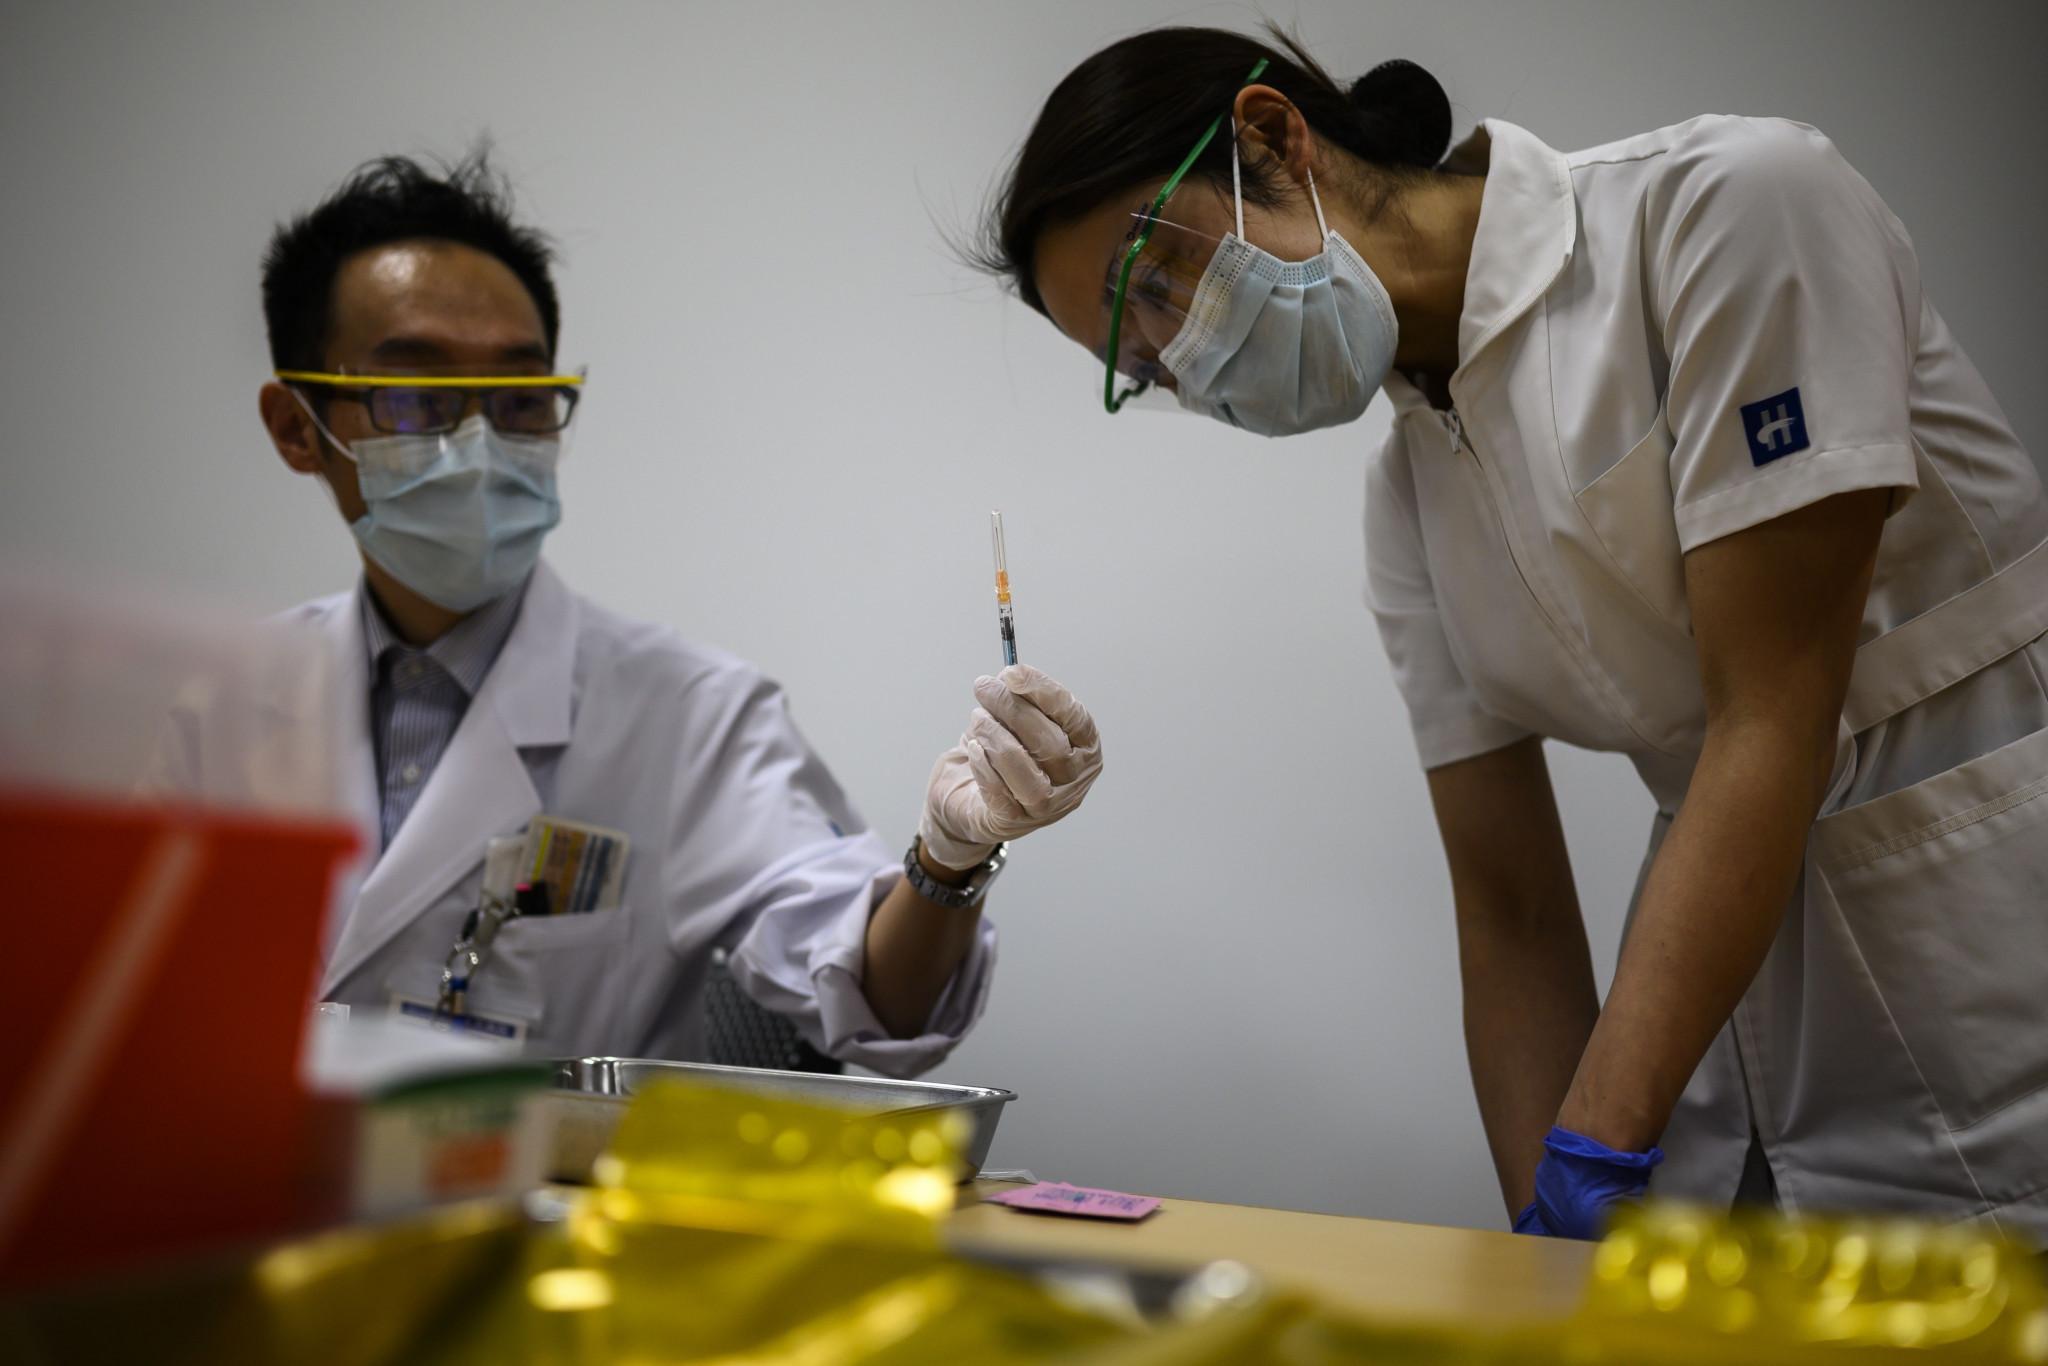 Continúan críticas sobre solicitud de Tokio 2020 enfermeras apoyen olímpicos